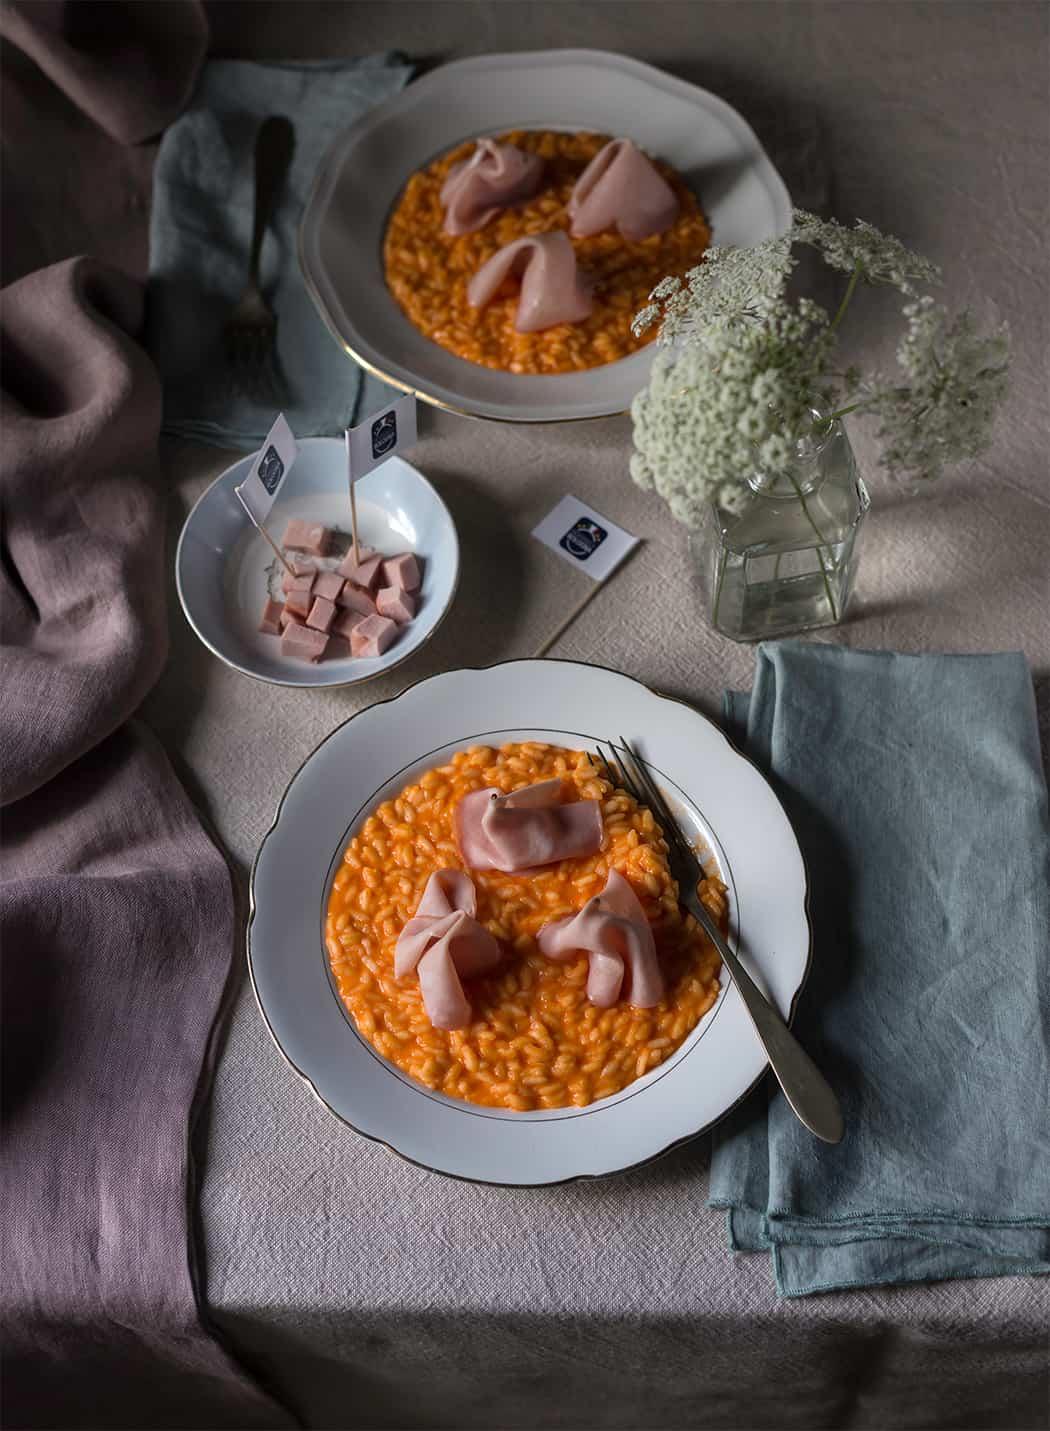 risotto con peperoni e mortadella Bologna